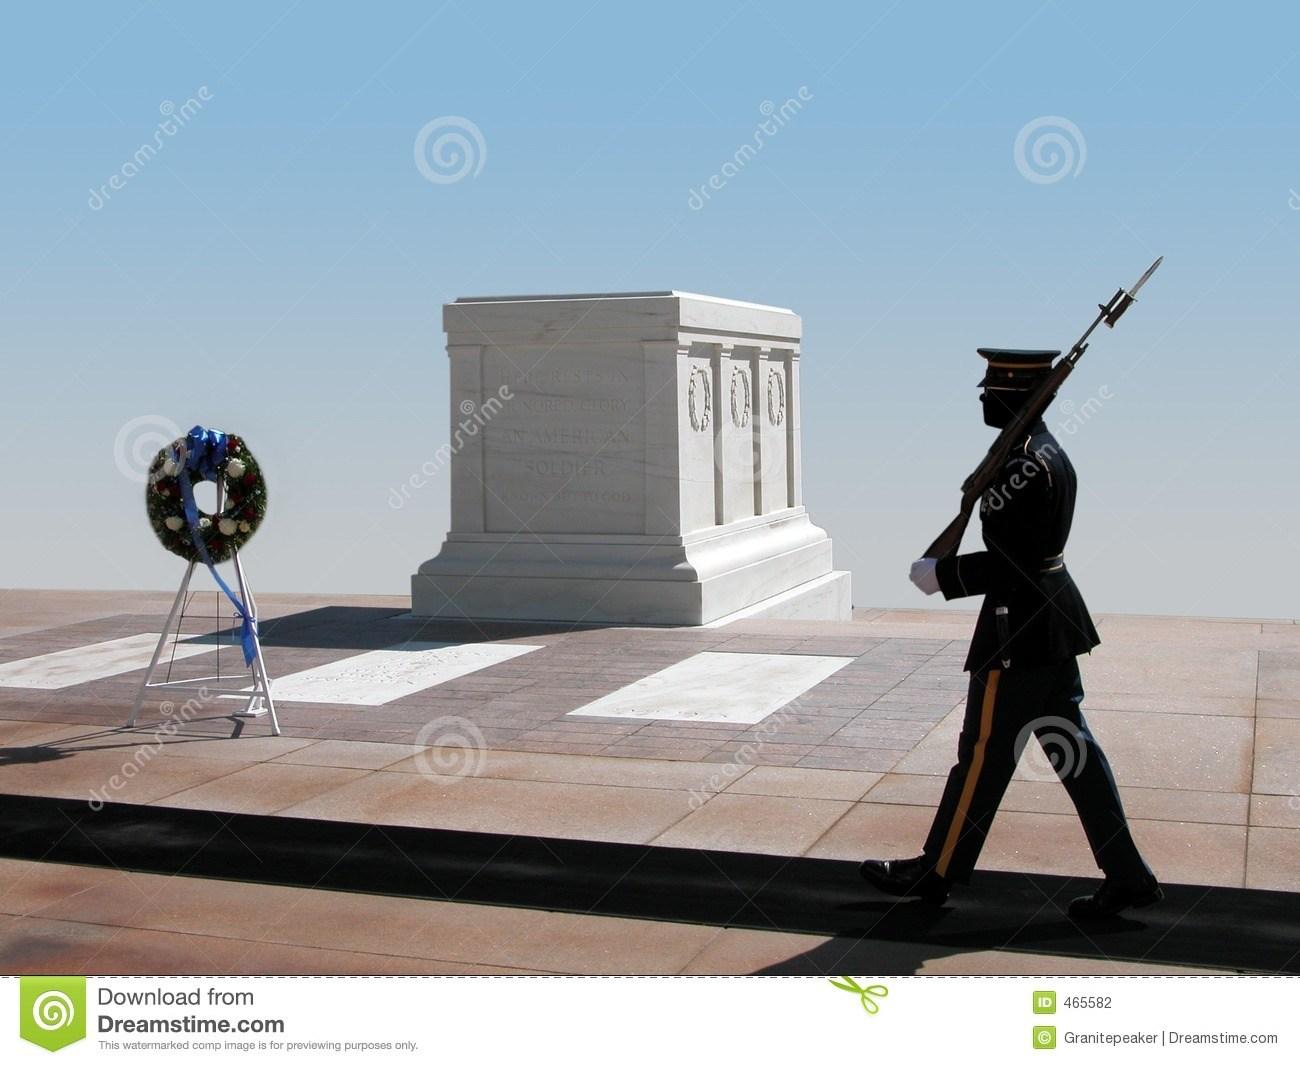 Arlington national cemetery clipart svg royalty free library Arlington national cemetery clipart 1 » Clipart Portal svg royalty free library